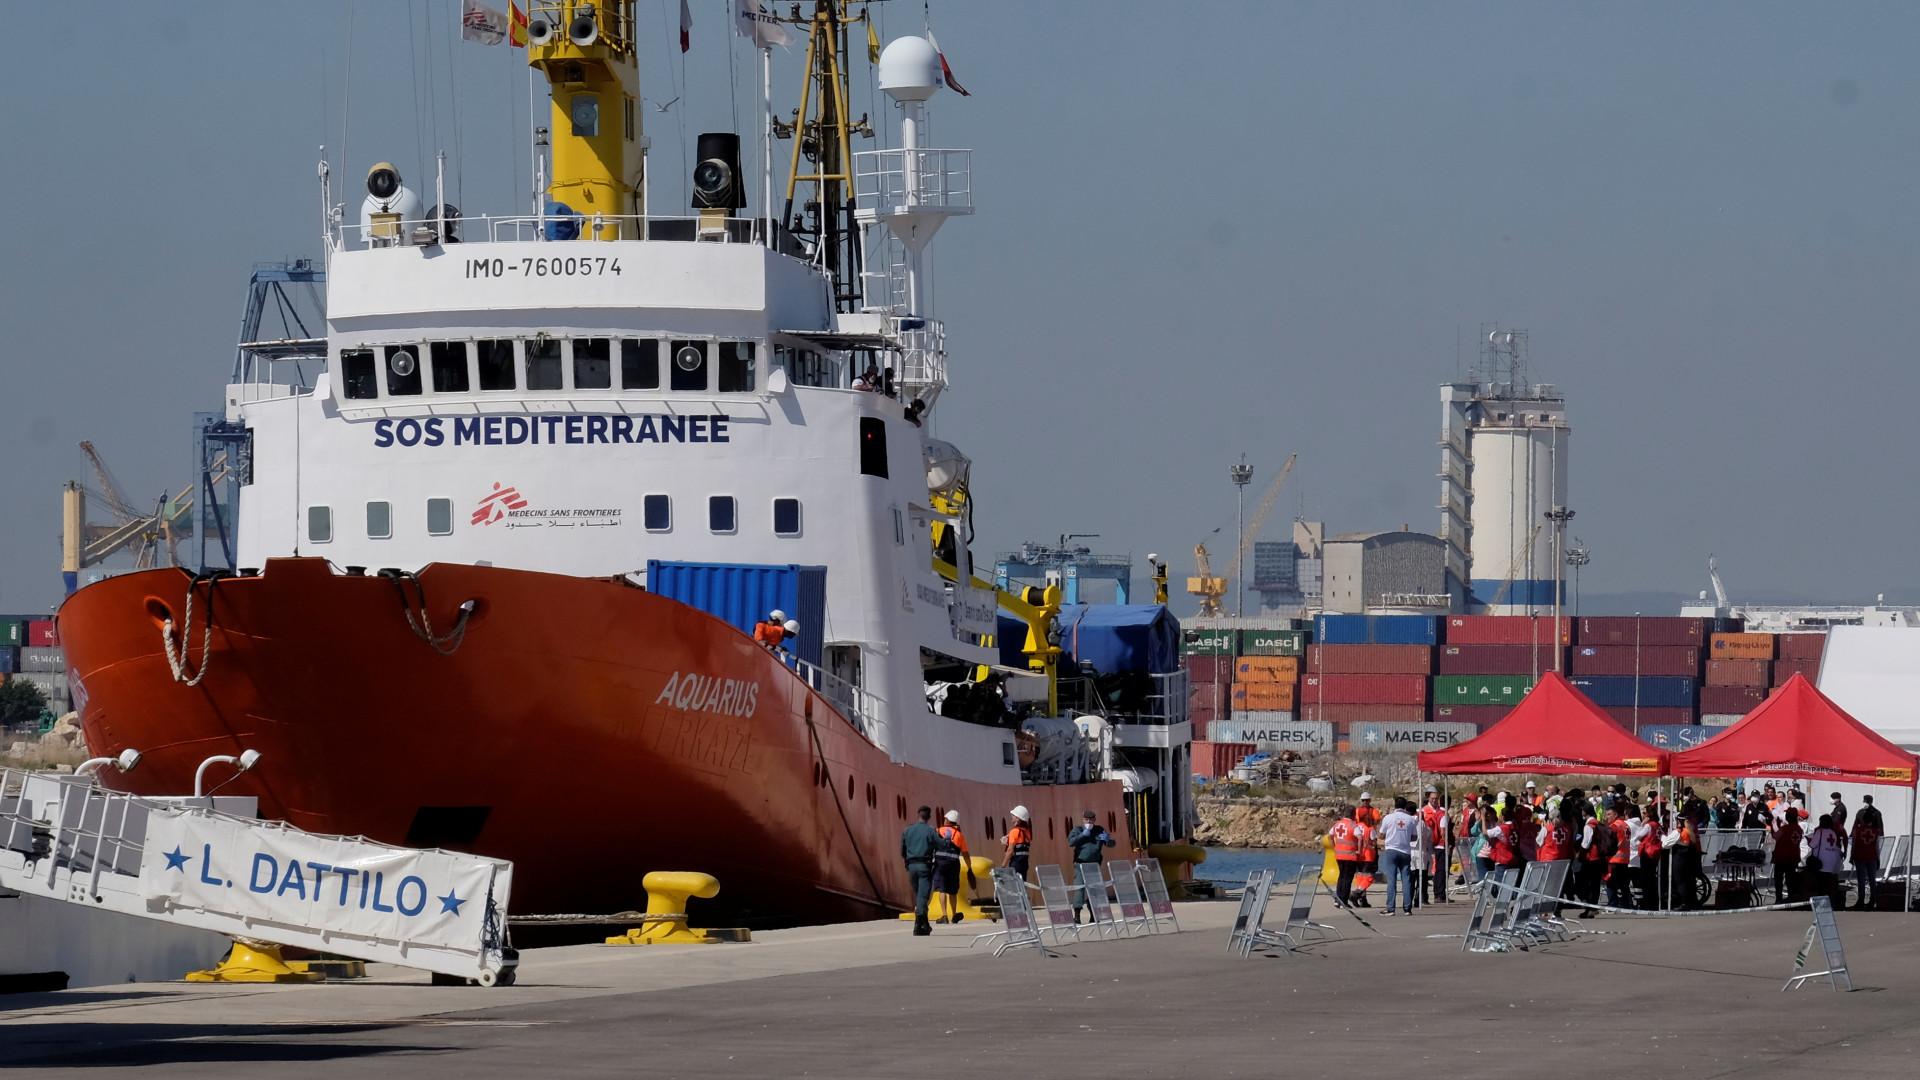 Grupo do navio 'Aquarius' deverá chegar a Portugal em setembro